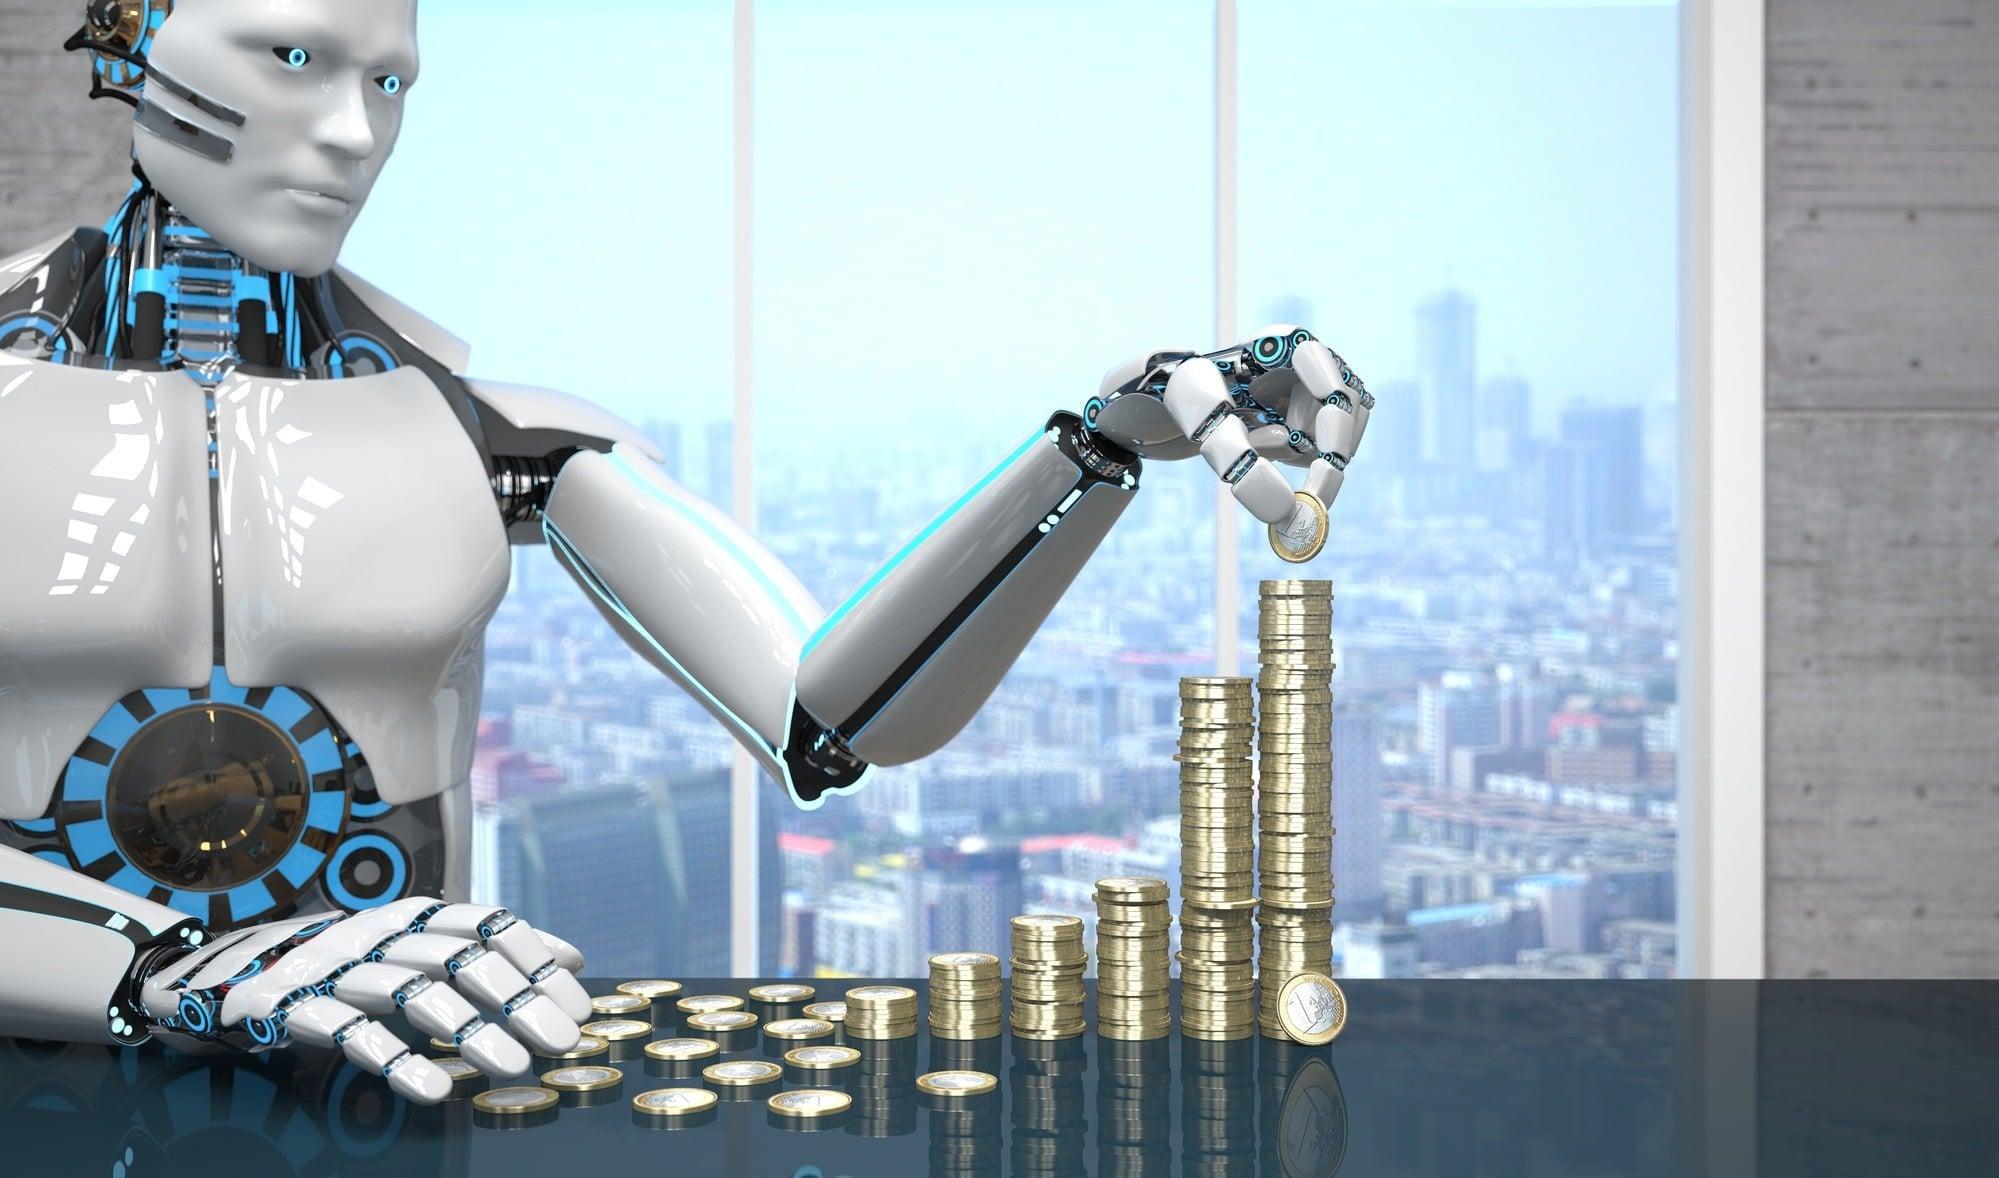 תיק מניות הרובוט הישראלי ל-2019